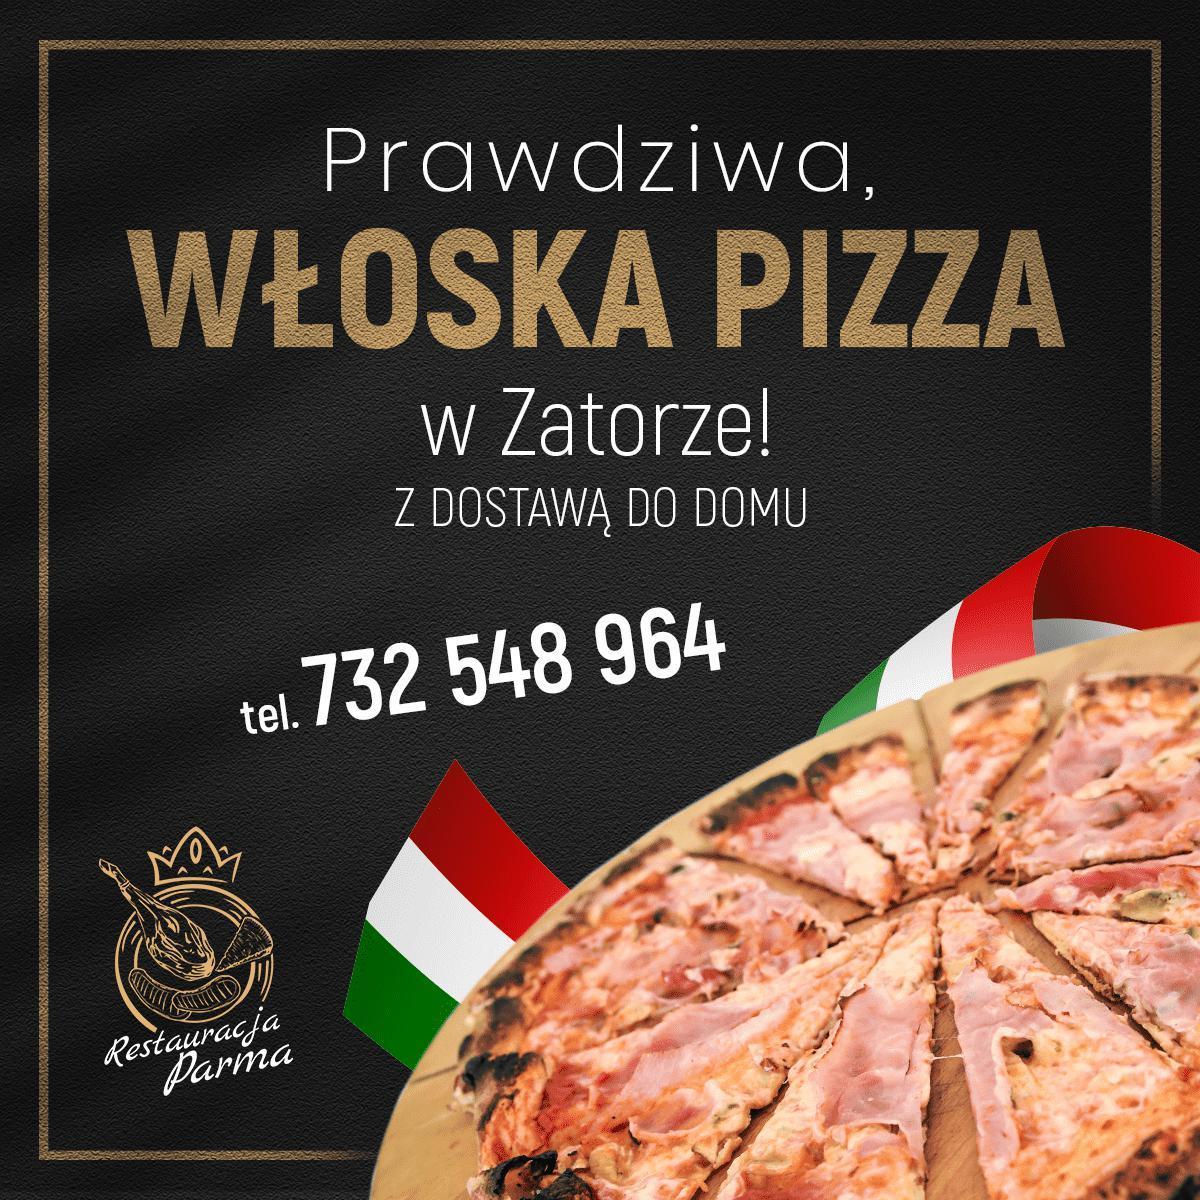 W Zatorze otworzyła się Włoska Restauracja Parma!